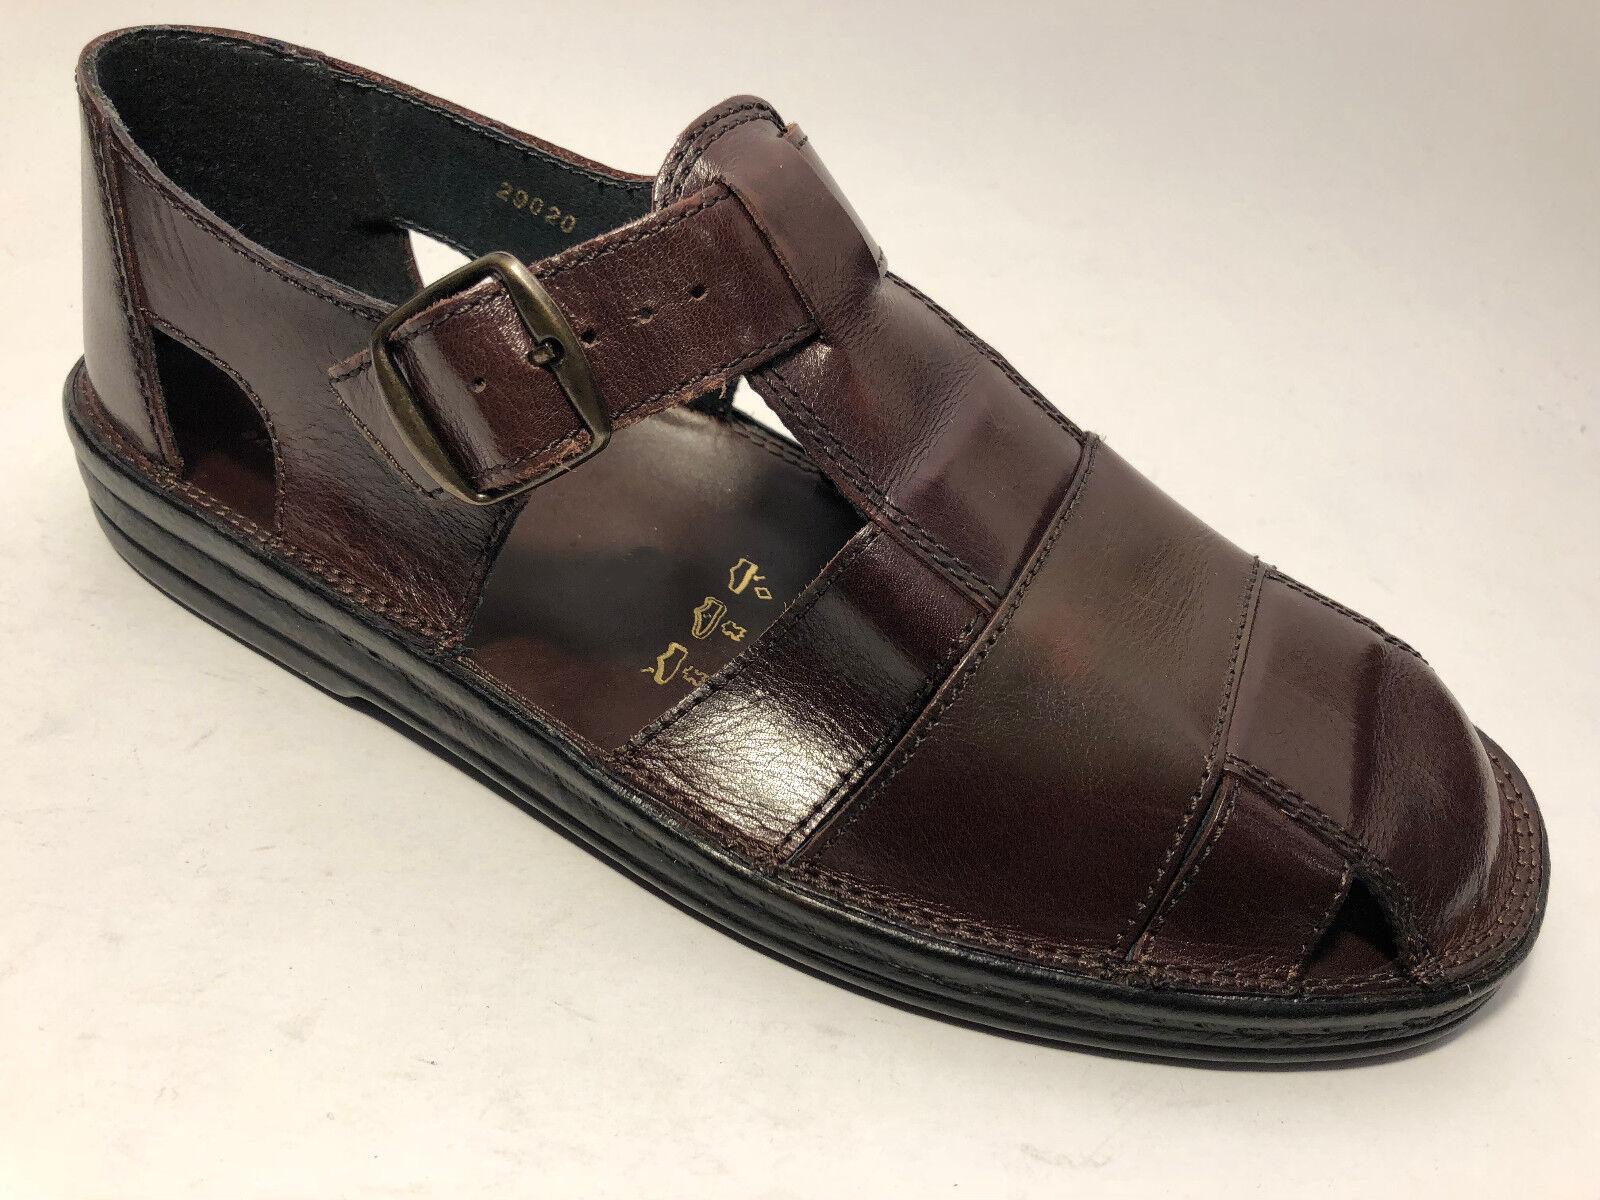 Sioux Herren Schuhe  Leder Sandalen Gr.47,5 (Gr 12,5) Braun Weite G Luftpolster